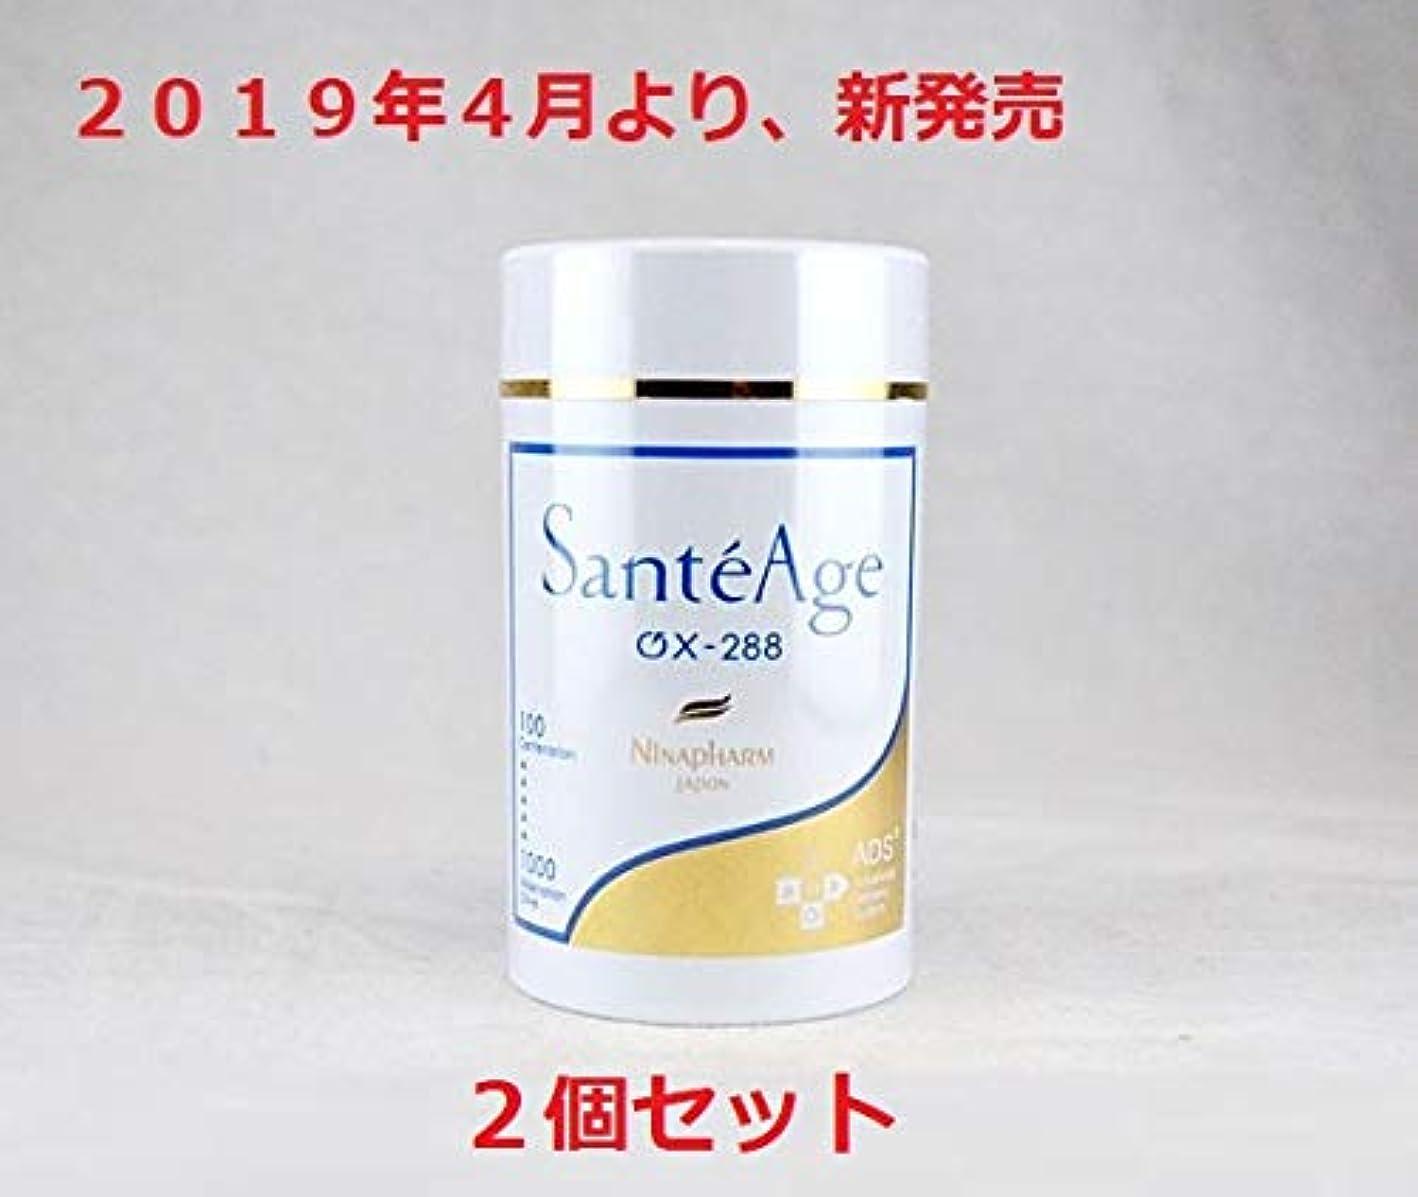 レインコート膨らみ期待2個セット【ゴールドパッケージ】サンテアージュOX  ニナファーム